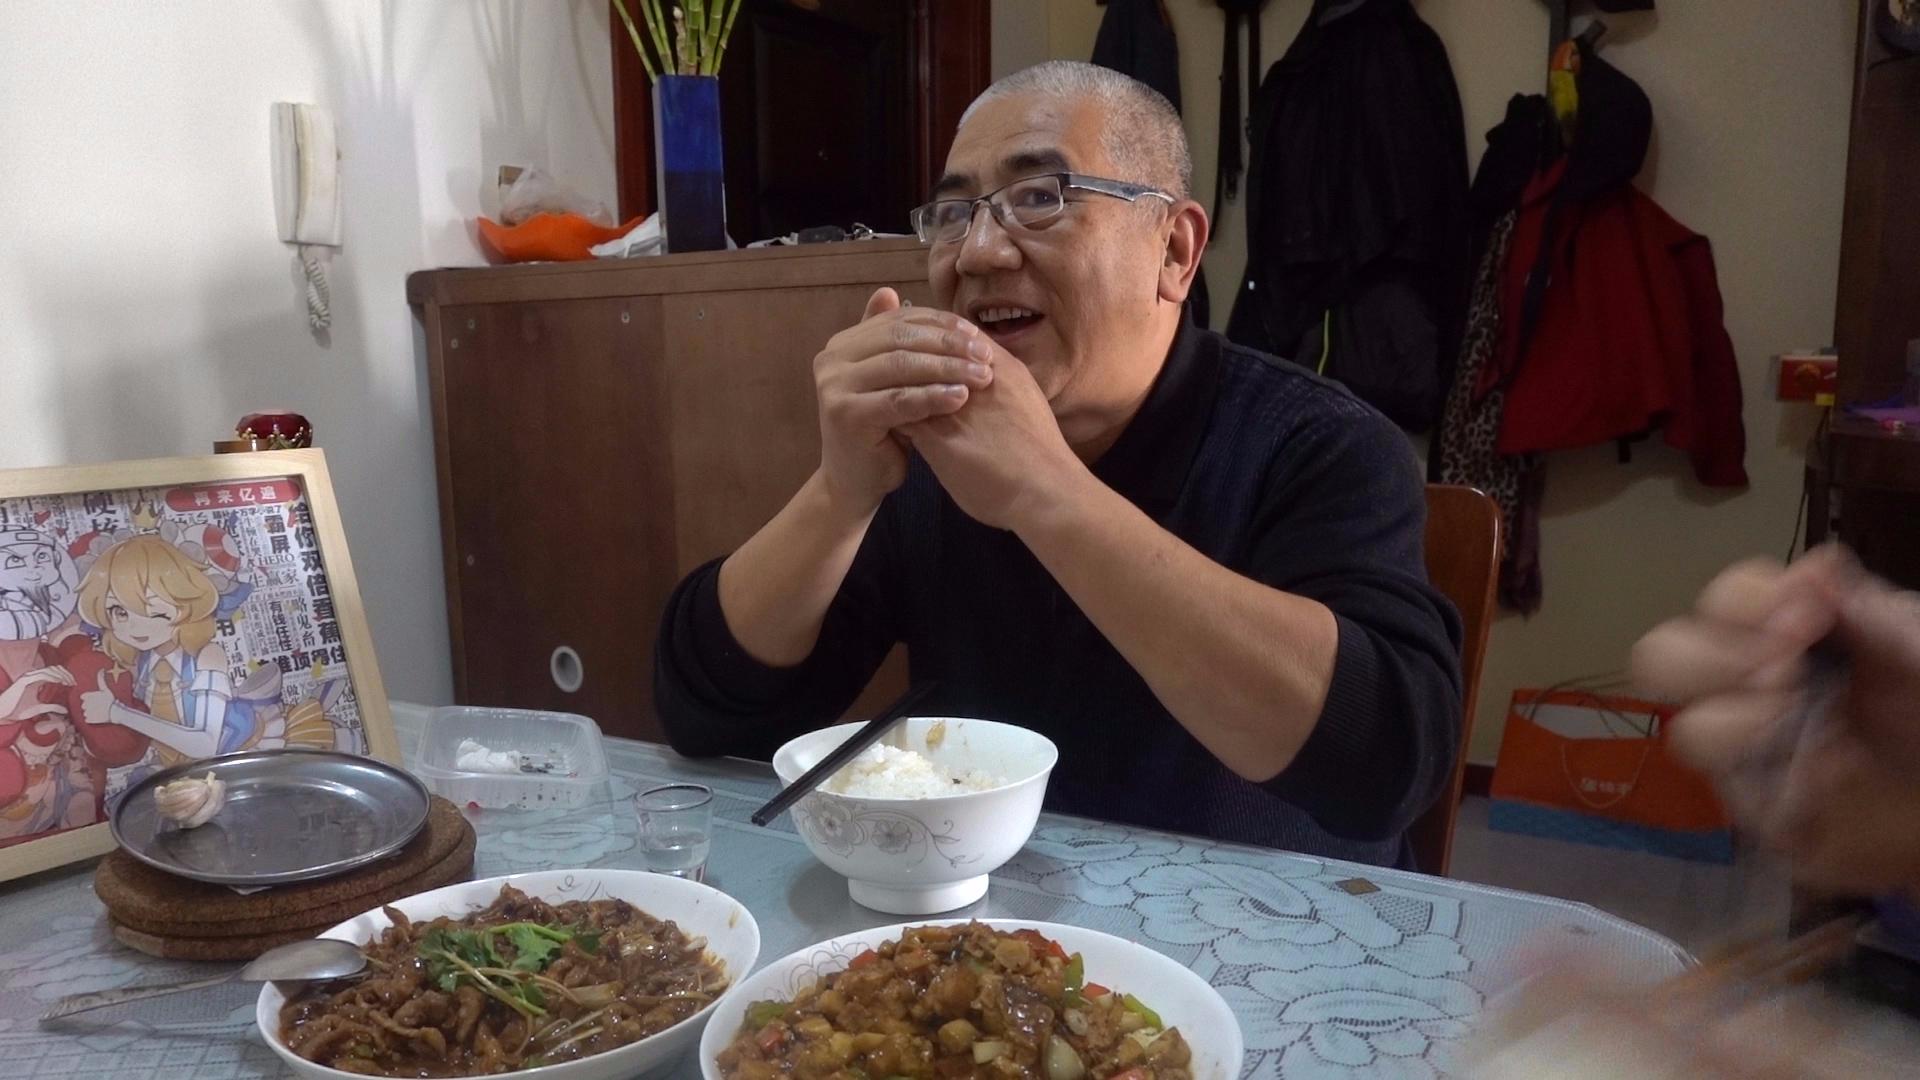 【老司马的日常食堂】好吃下饭的京酱肉丝,米饭做少了